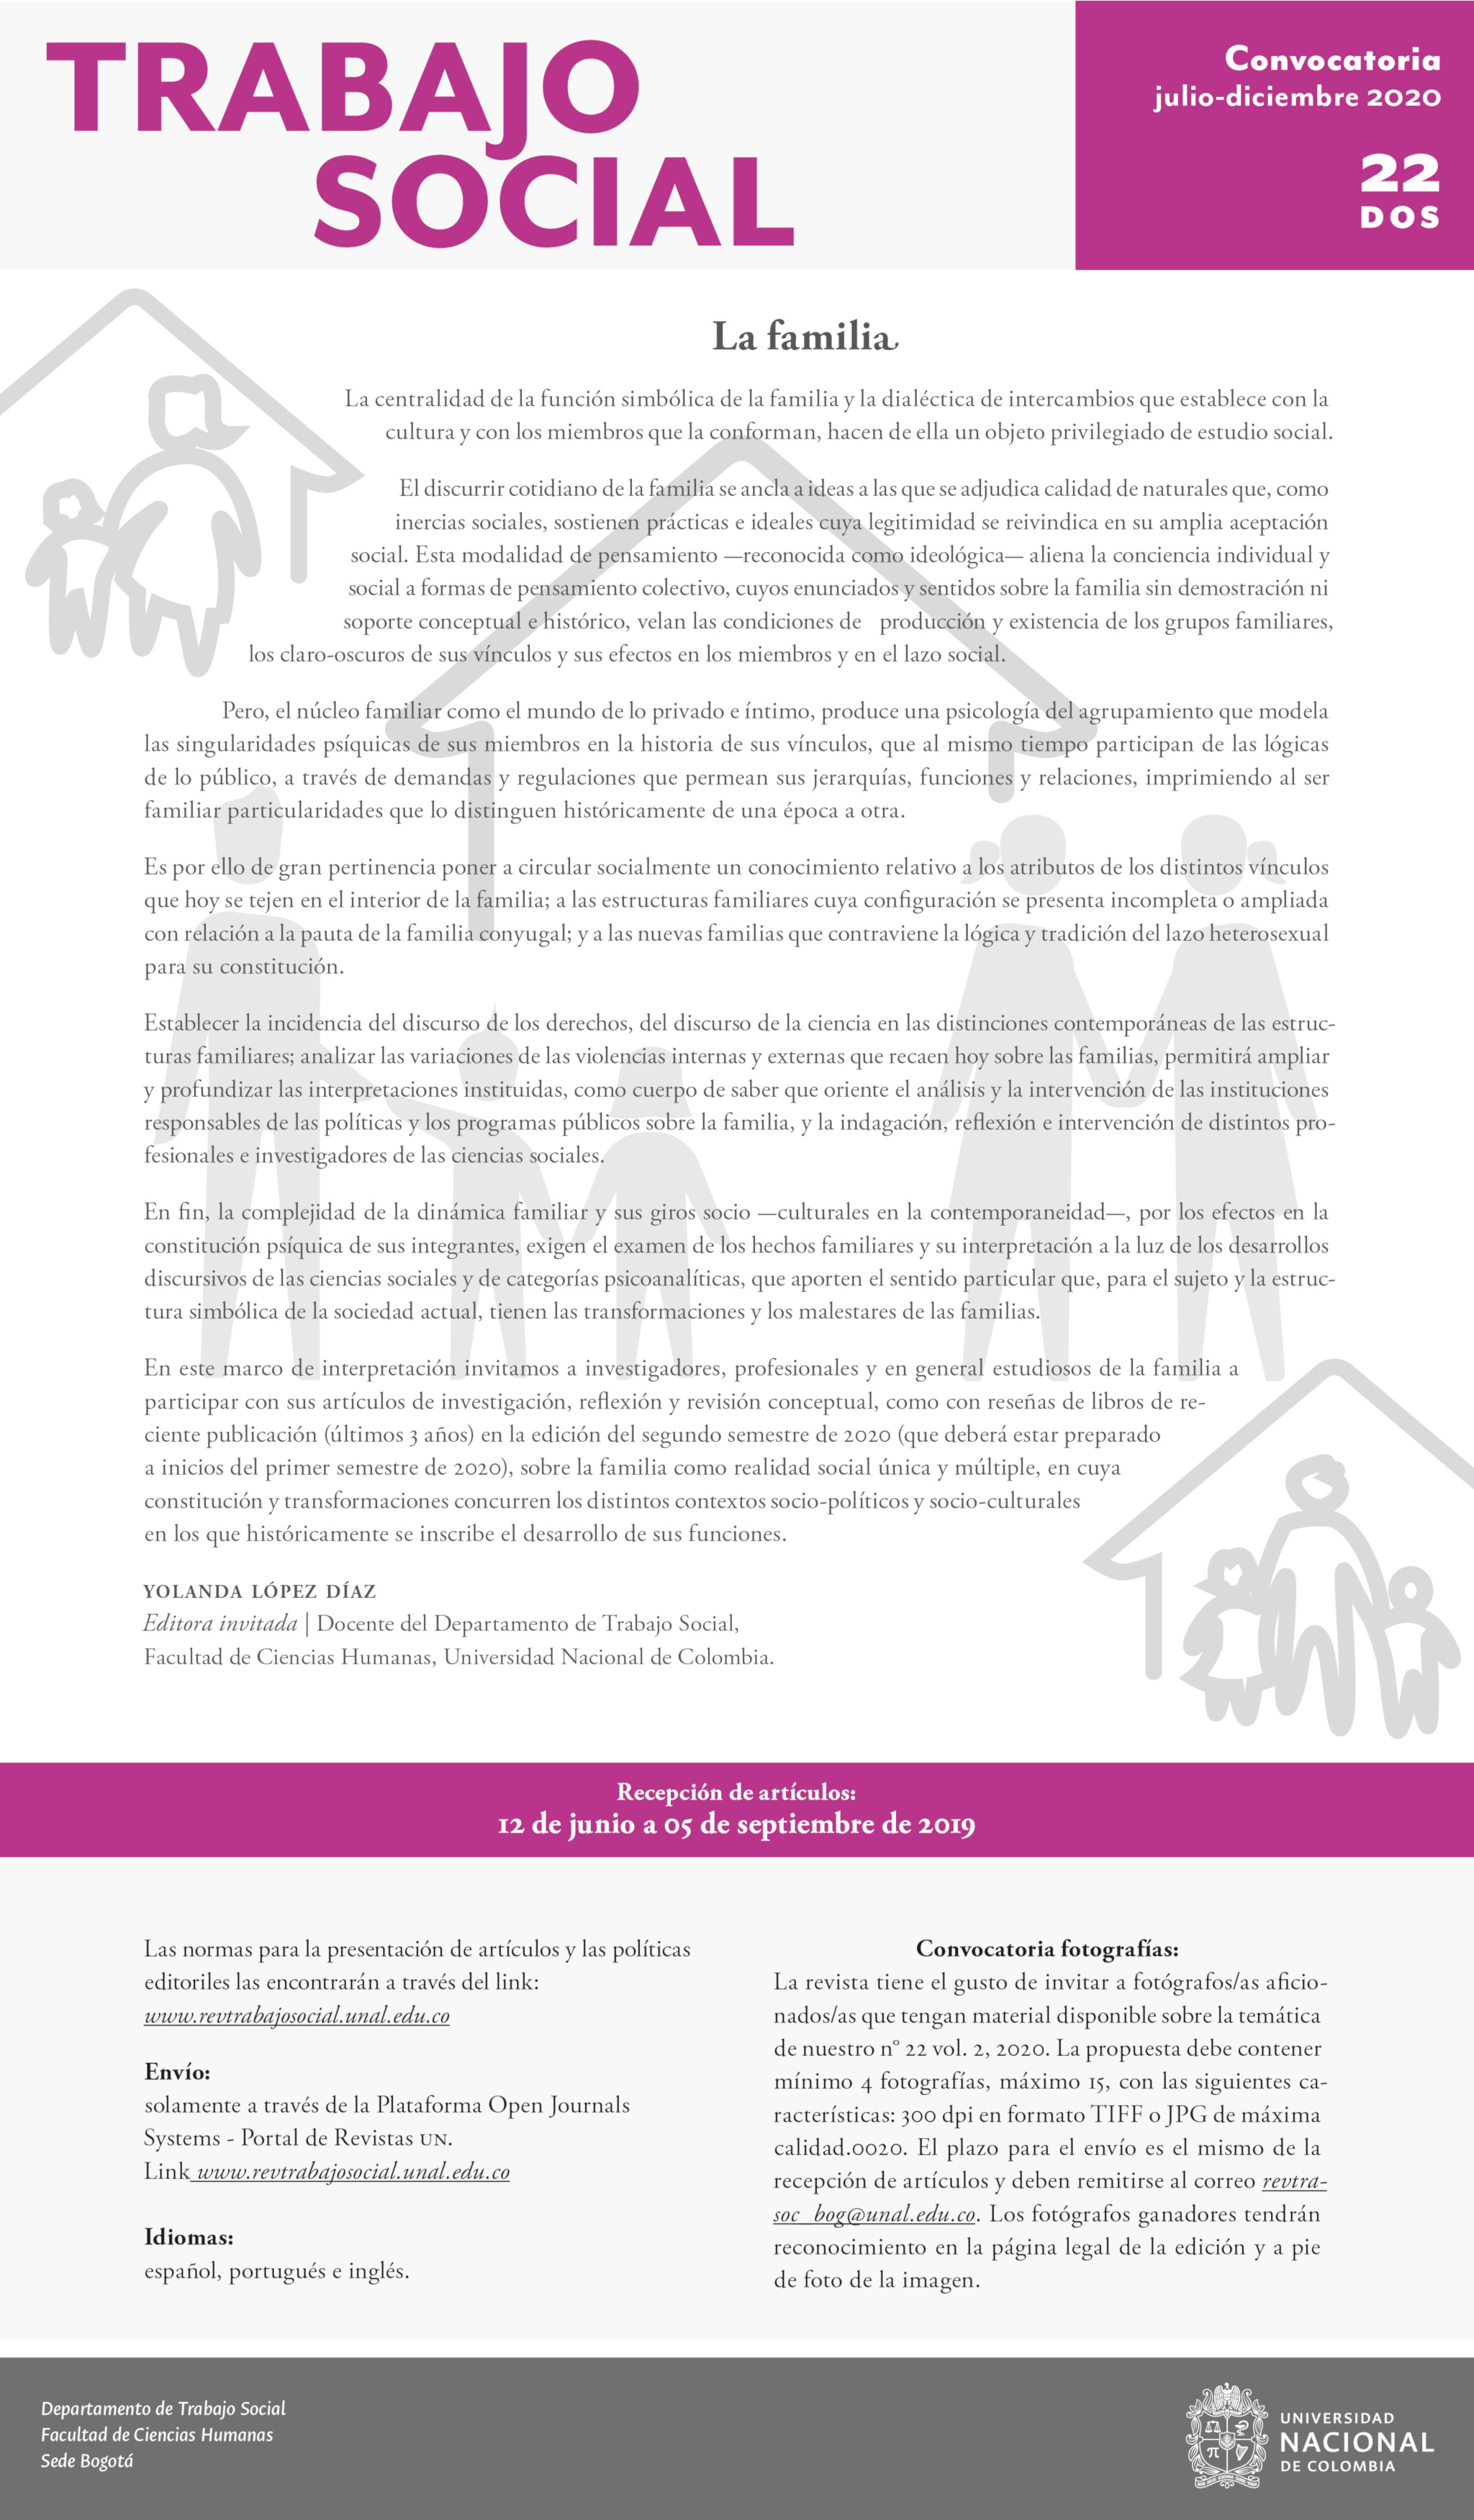 Convocatoria artículos Vol. 22 no. 2 'Revista Trabajo Social': «La familia»